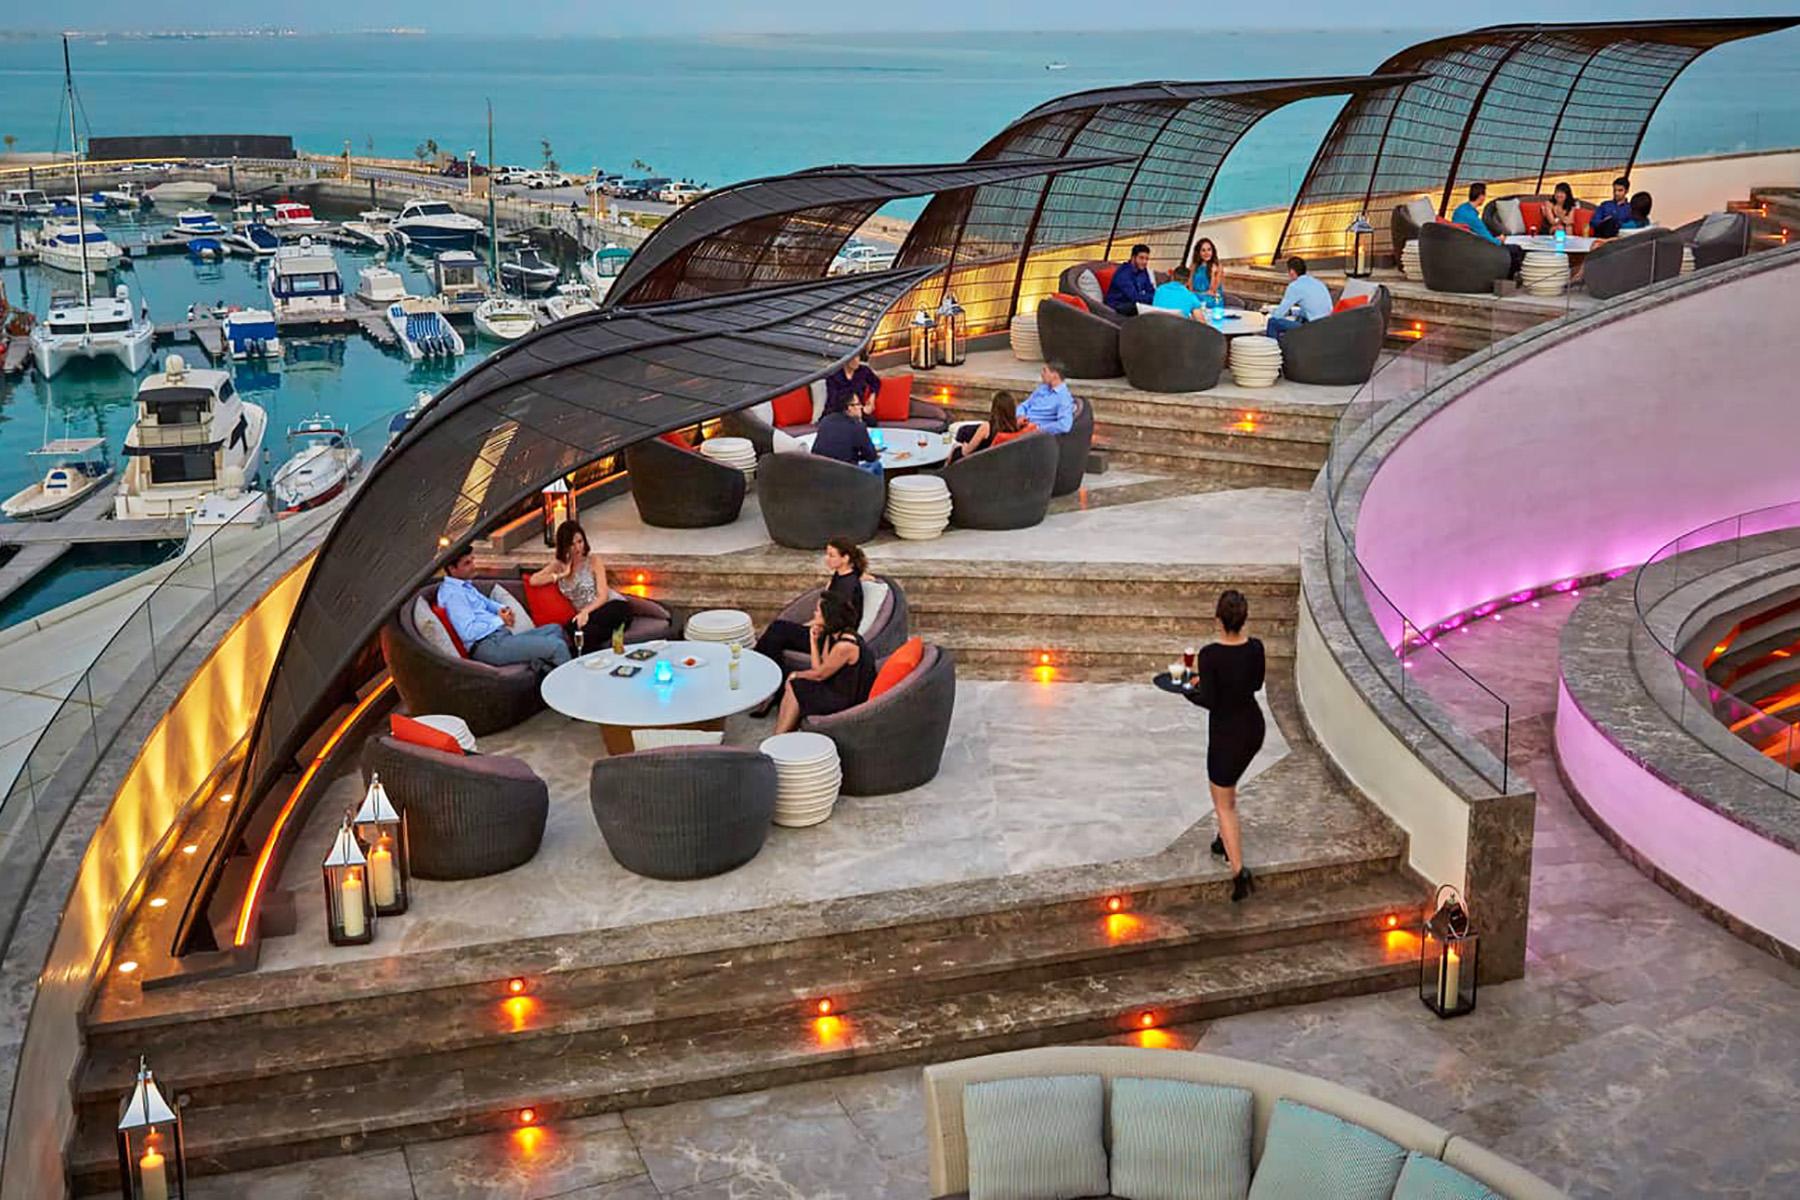 Nobu at Four Seasons Hotel Doha